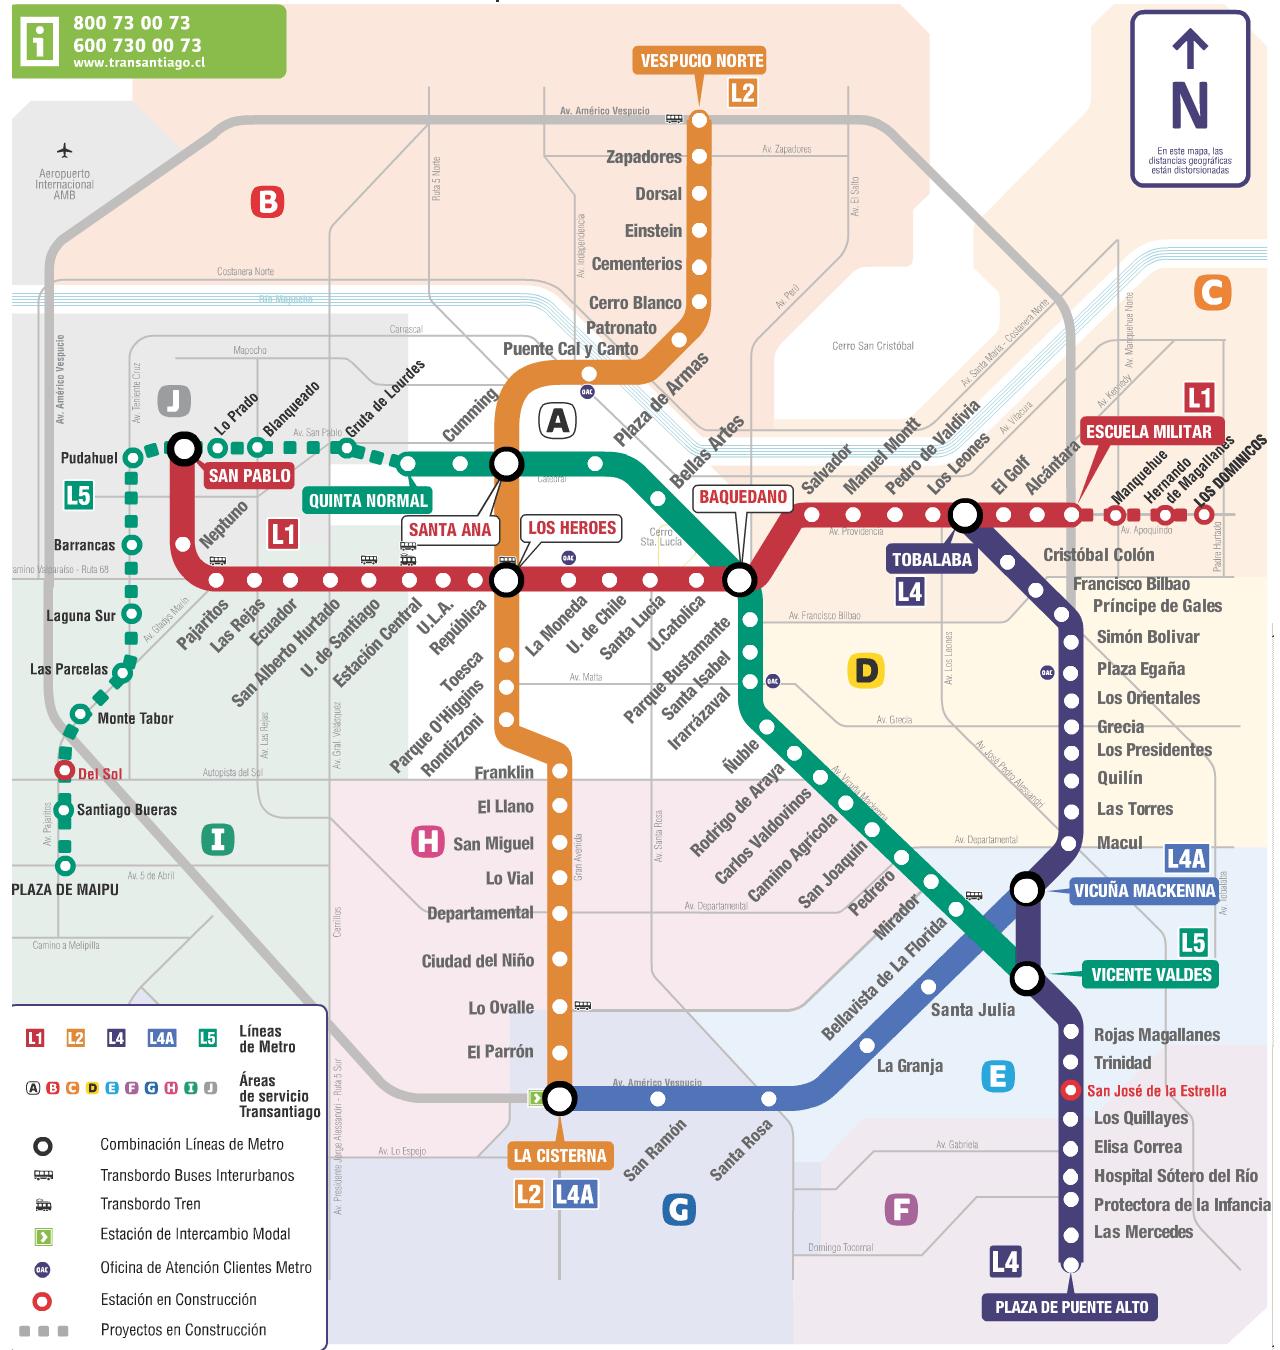 Santiago Subway Map.Santiago Metro Maps Bus Route Map Map Bus Route